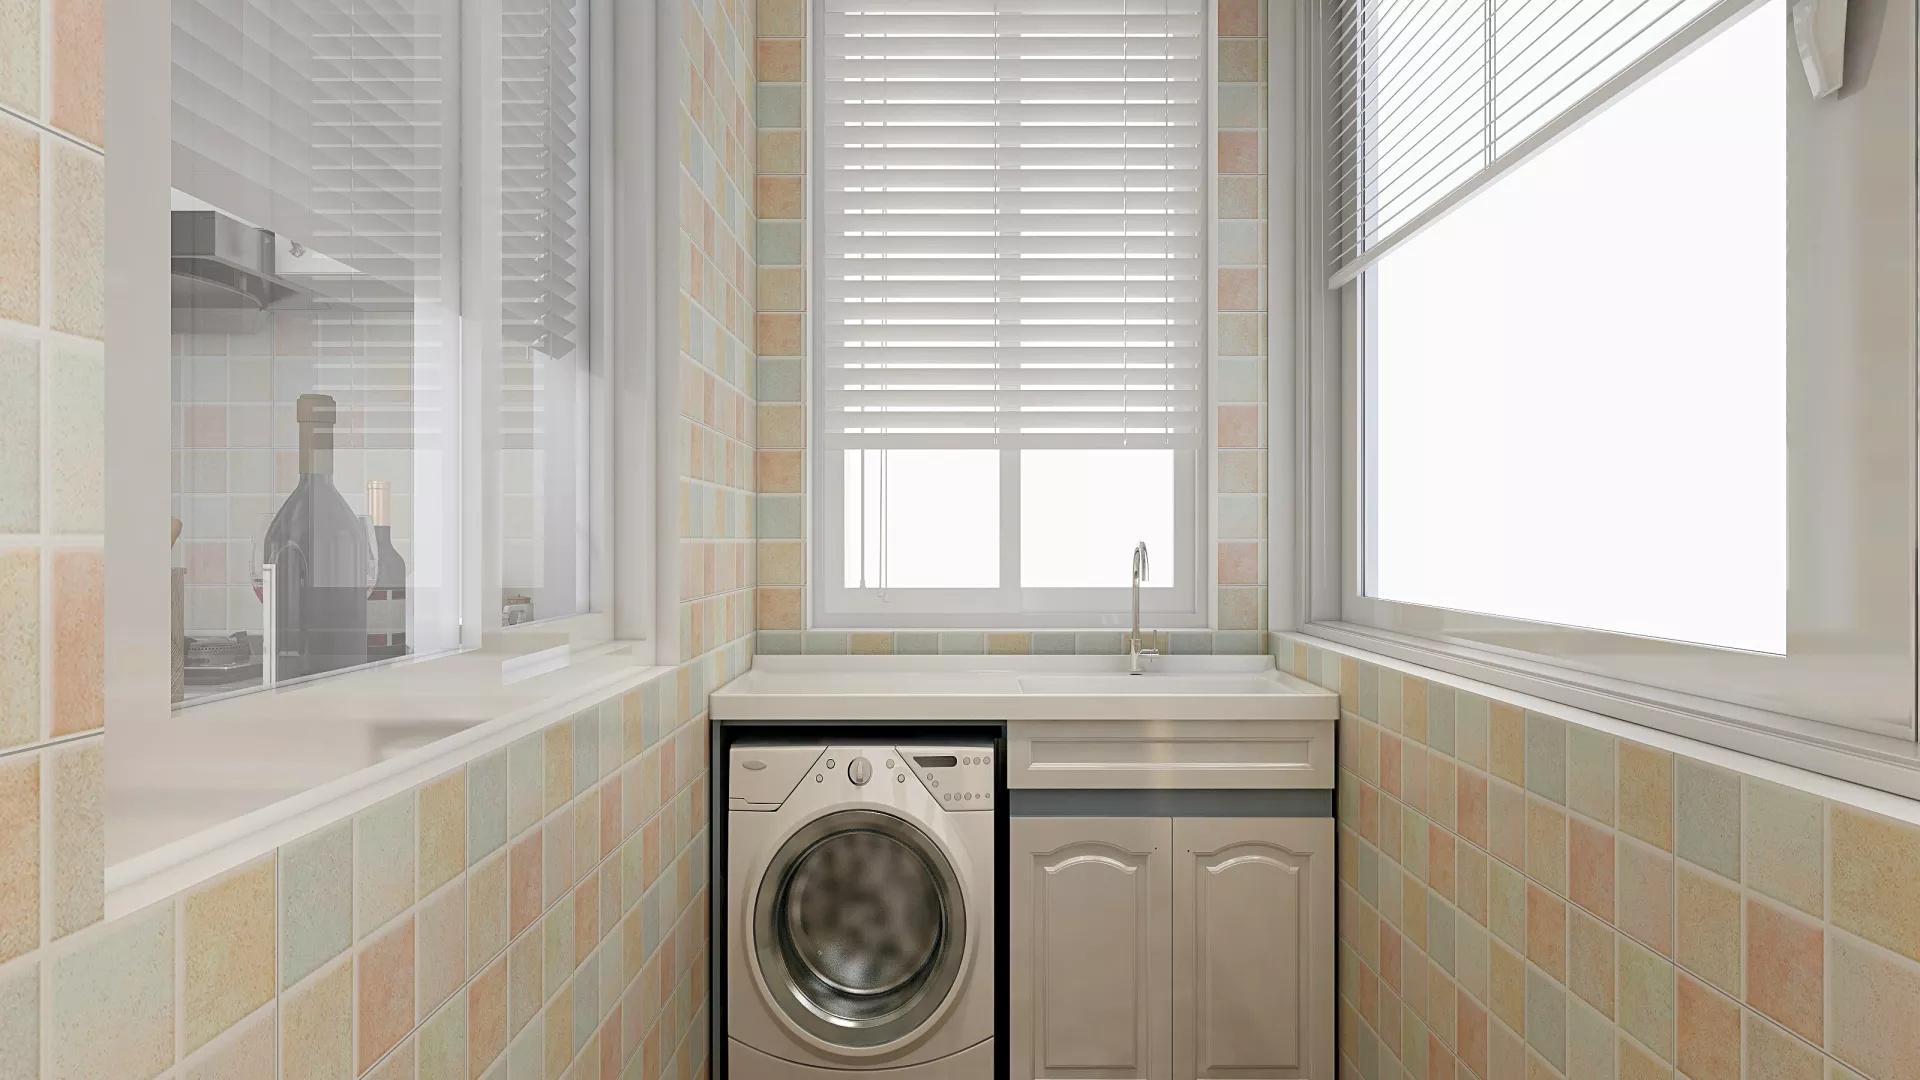 厨房水槽什么牌子的好 厨房水槽防水用什么牌子好